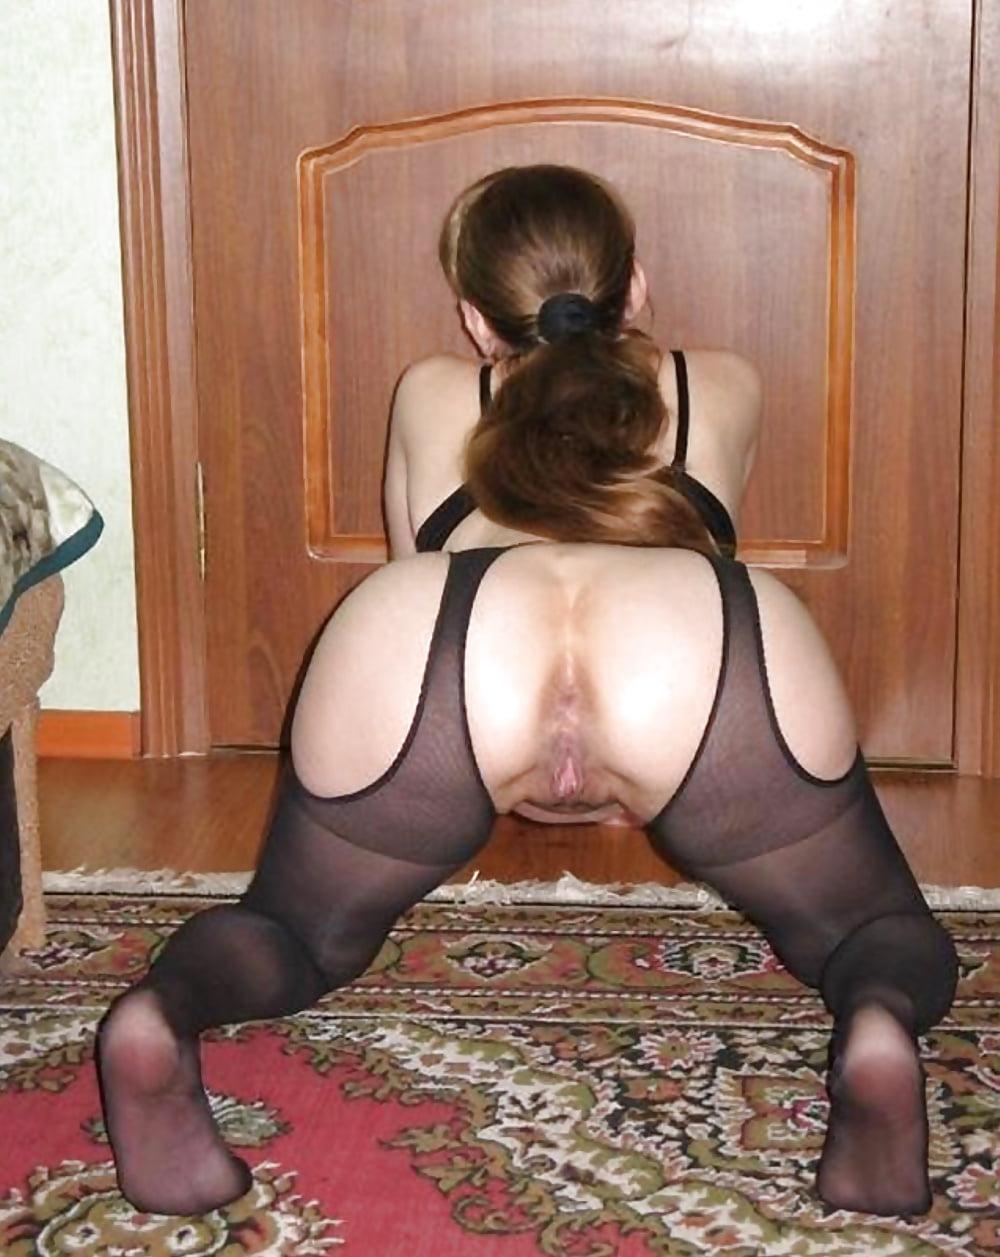 пригласил своего порно фото голой жены соседа жены